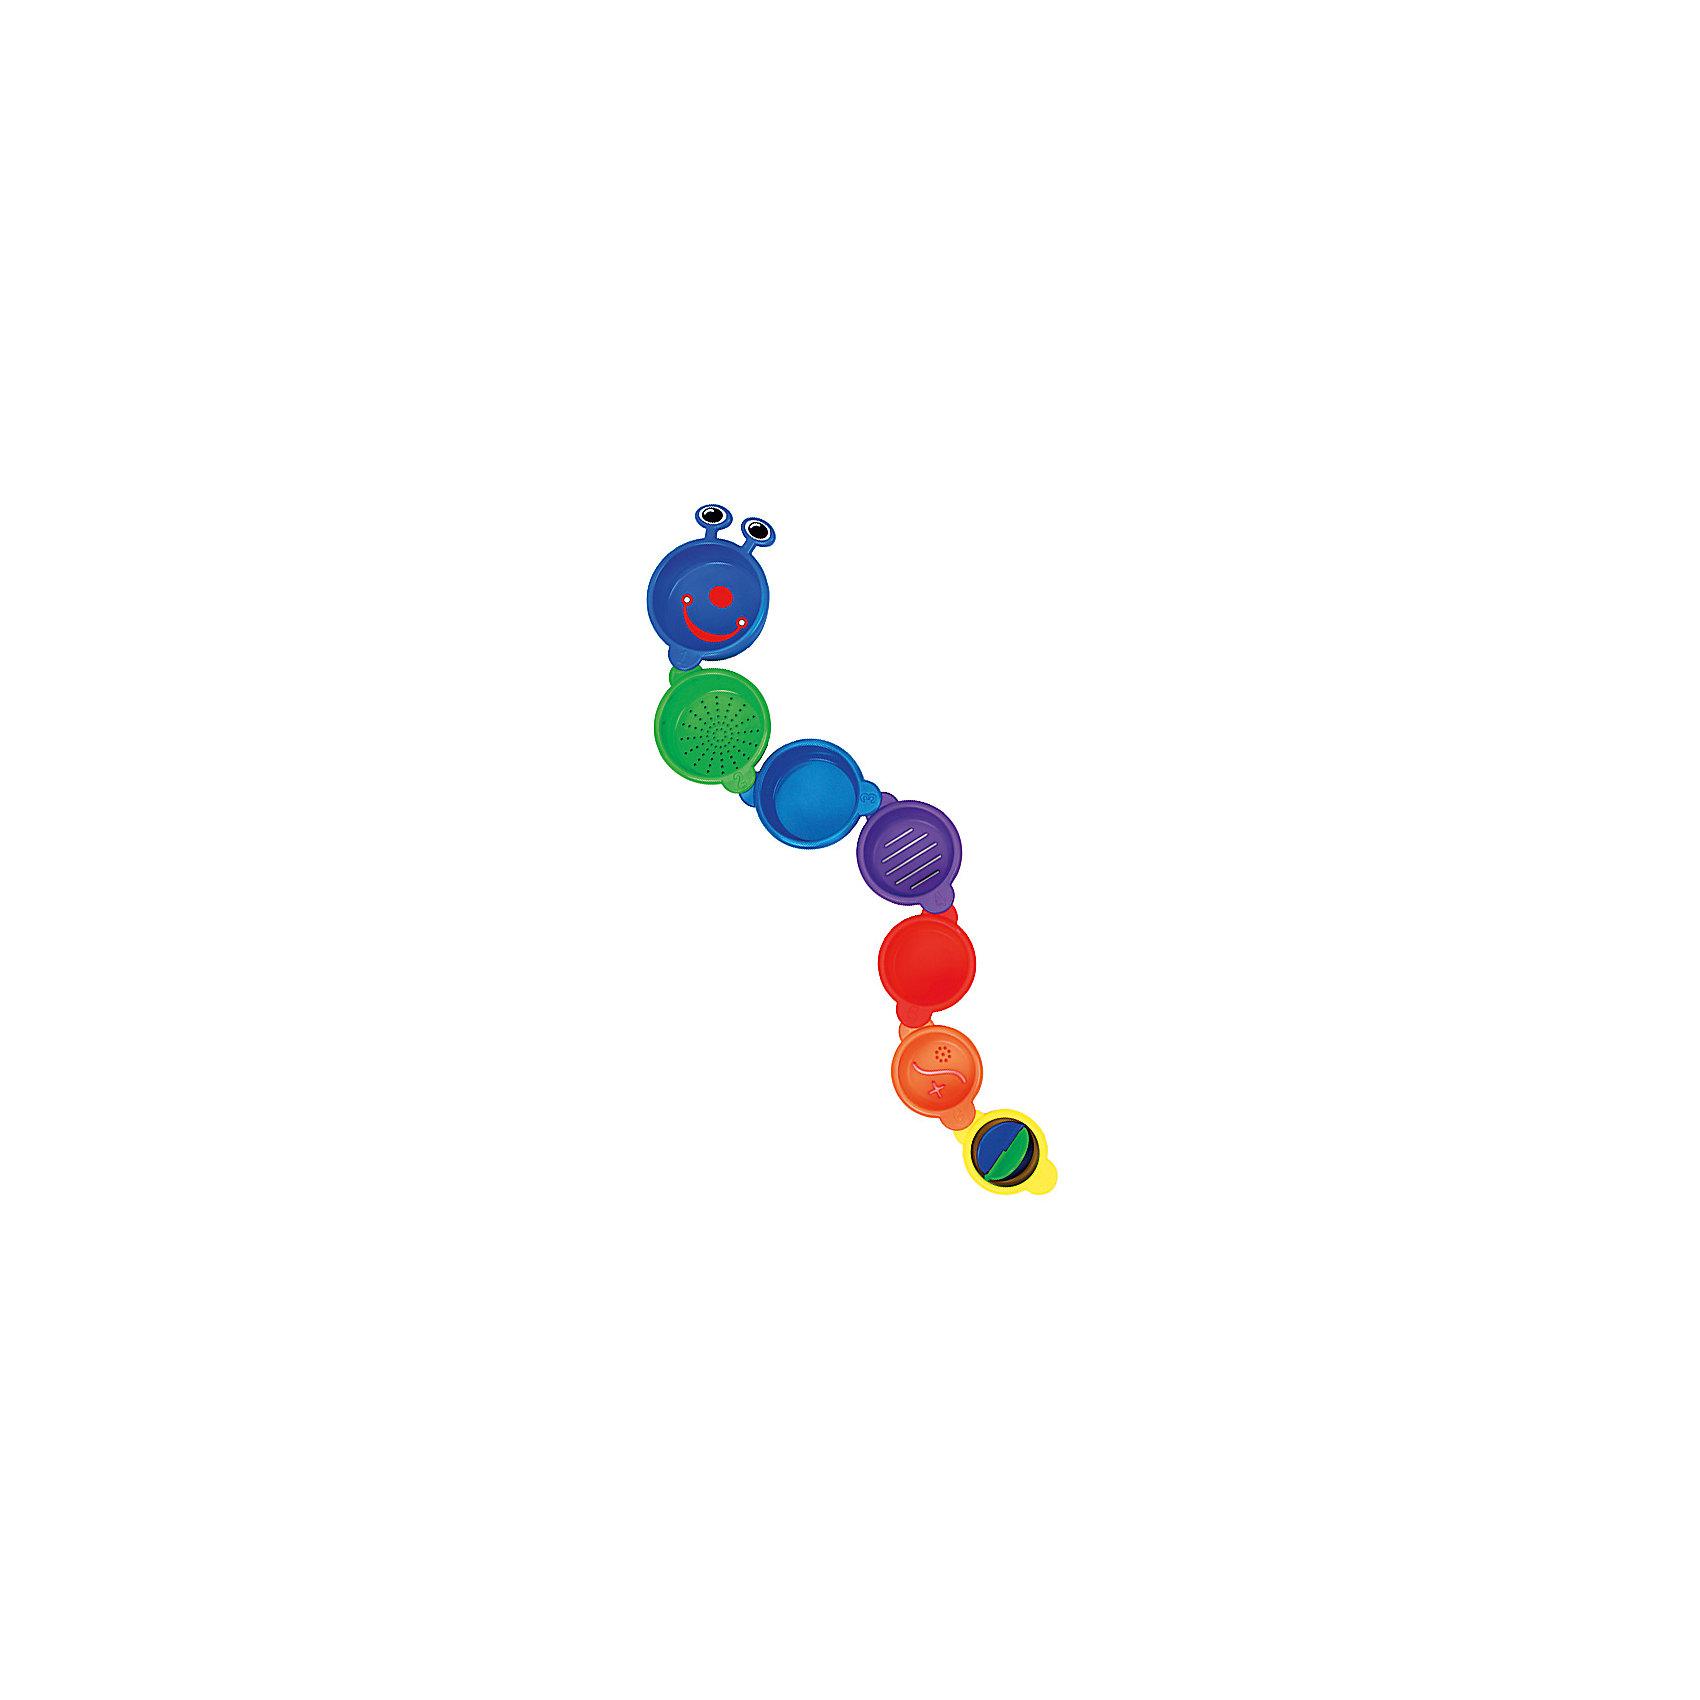 Игрушка для ванной Пирамидка-Гусеница, MunchkinЛейки и поливалки<br>Игрушка для ванной Пирамидка-Гусеница, Munchkin (Манчкин) – эта игрушка доставит малышу немало веселых минут во время купания!<br>Игрушка для ванной Пирамидка-Гусеница собирается из семи ярких разноцветных стаканчиков разного размера. Их можно поставить друг на друга, и получится пирамидка. А можно соединить друг с другом, собрав забавную гусеницу. Стаканчики пронумерованы от 1 до 7 , что поможет ребенку изучать цифры даже во время купания. Некоторые стаканчики имеют отверстия различных форм, через которые можно процеживать воду. Внутри маленького стаканчика расположена вертушка. Игрушка изготовлена из безопасного пластика. Способствует развитию воображения, тактильных ощущений и мелкой моторики рук, знакомит ребенка с понятиями цвета и размера предмета.<br><br>Дополнительная информация:<br><br>- Материал: пластик<br>- Диаметр большего стаканчика: 9,5 см.<br>- Диаметр меньшего стаканчика: 6 см.<br>- Размер упаковки: 10 х 18 х 10 см.<br>- Вес: 189 г.<br><br>Игрушку для ванной Пирамидка-Гусеница, Munchkin (Манчкин) можно купить в нашем интернет-магазине.<br><br>Ширина мм: 180<br>Глубина мм: 100<br>Высота мм: 100<br>Вес г: 189<br>Возраст от месяцев: 9<br>Возраст до месяцев: 36<br>Пол: Унисекс<br>Возраст: Детский<br>SKU: 4142374